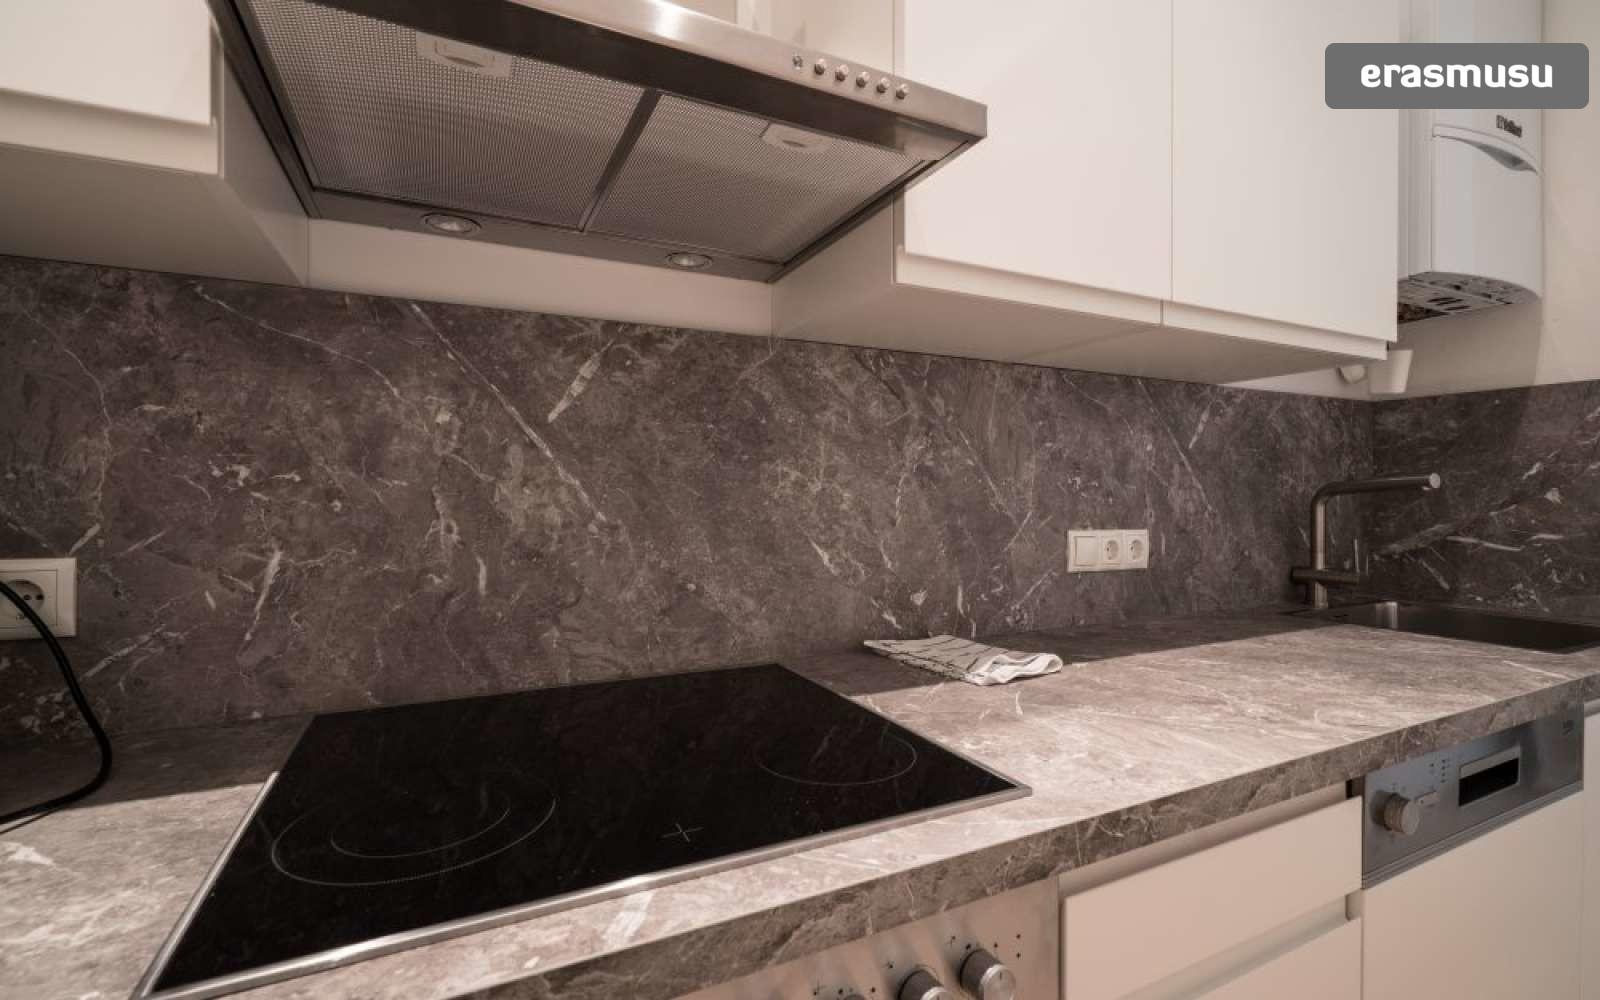 studio-apartment-rent-landstrase-d624facb54b2aad733a07330a5dcef3